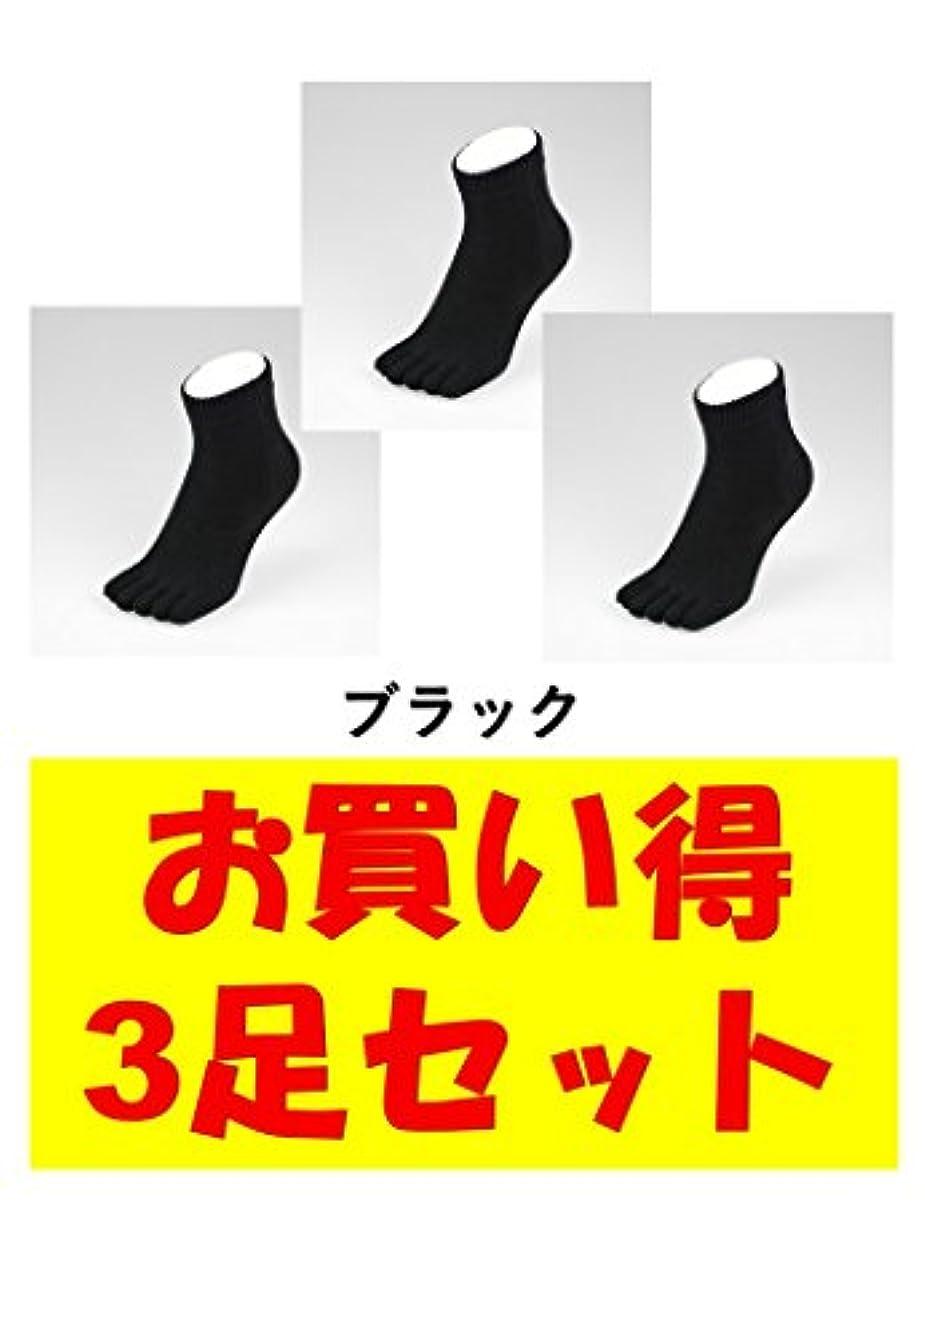 タイプライターペチコートやけどお買い得3足セット 5本指 ゆびのばソックス Neo EVE(イヴ) ブラック Sサイズ(21.0cm - 24.0cm) YSNEVE-BLK